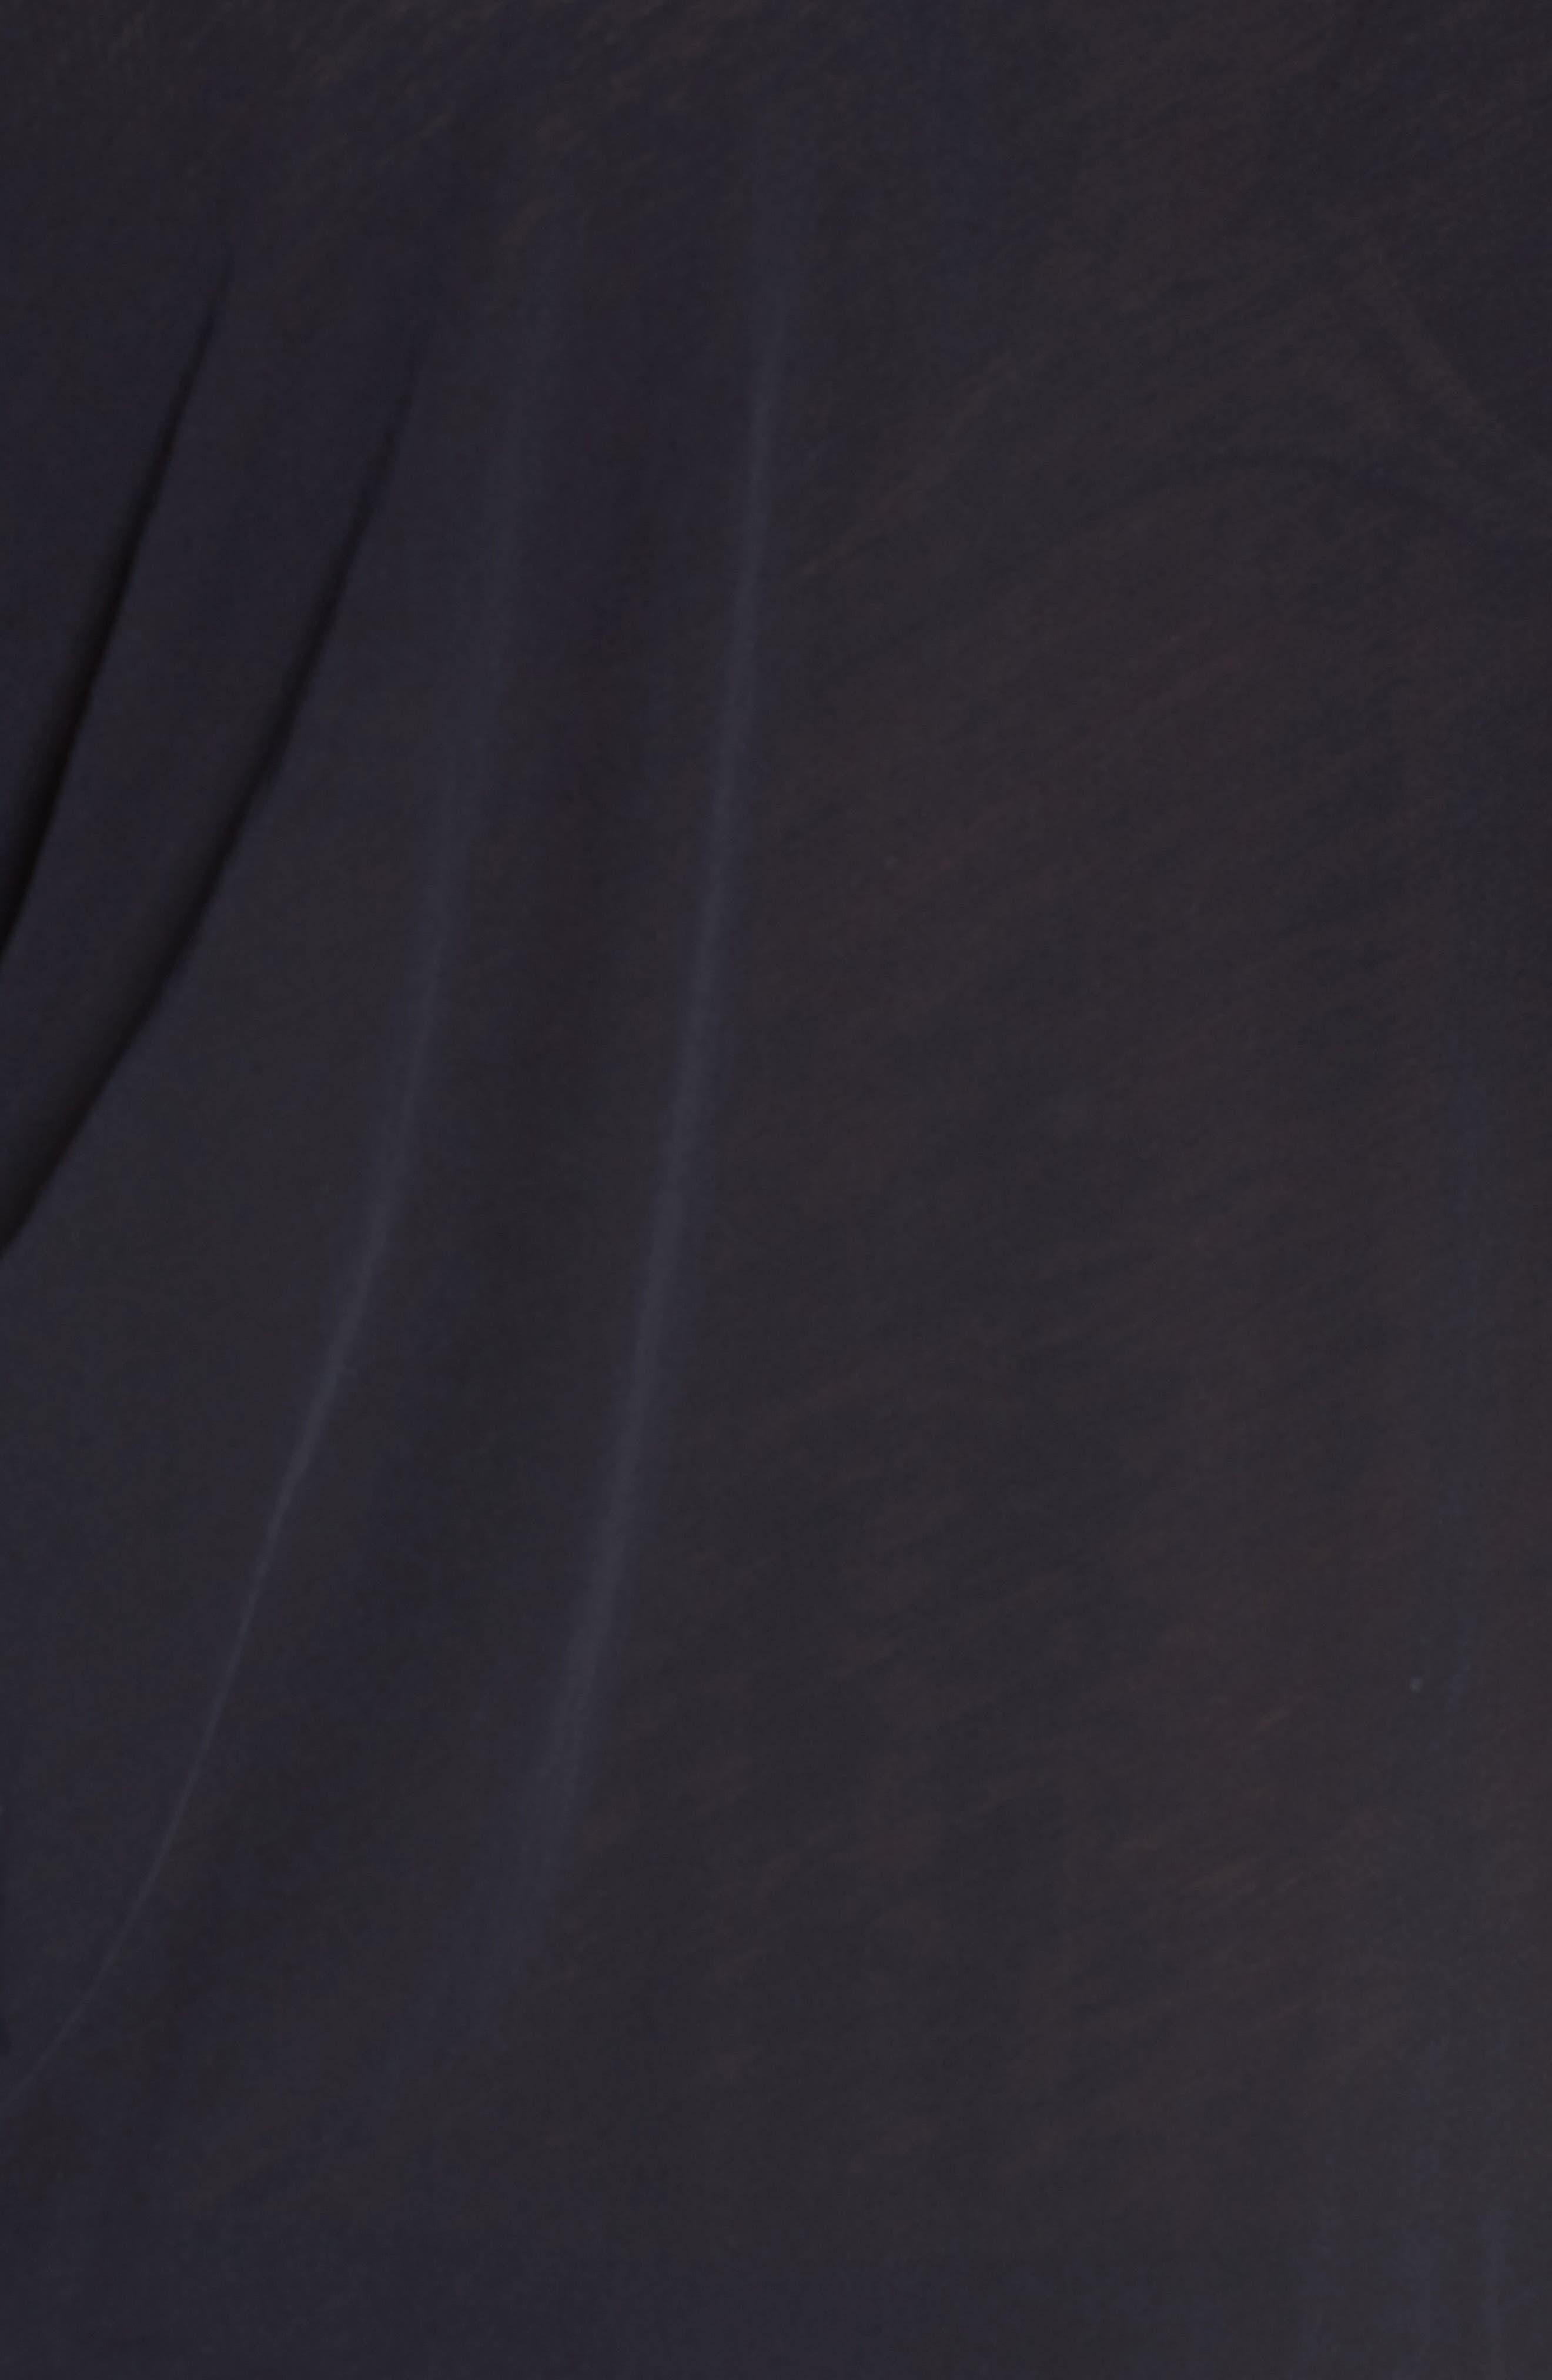 Blouson T-Shirt Dress,                             Alternate thumbnail 5, color,                             415